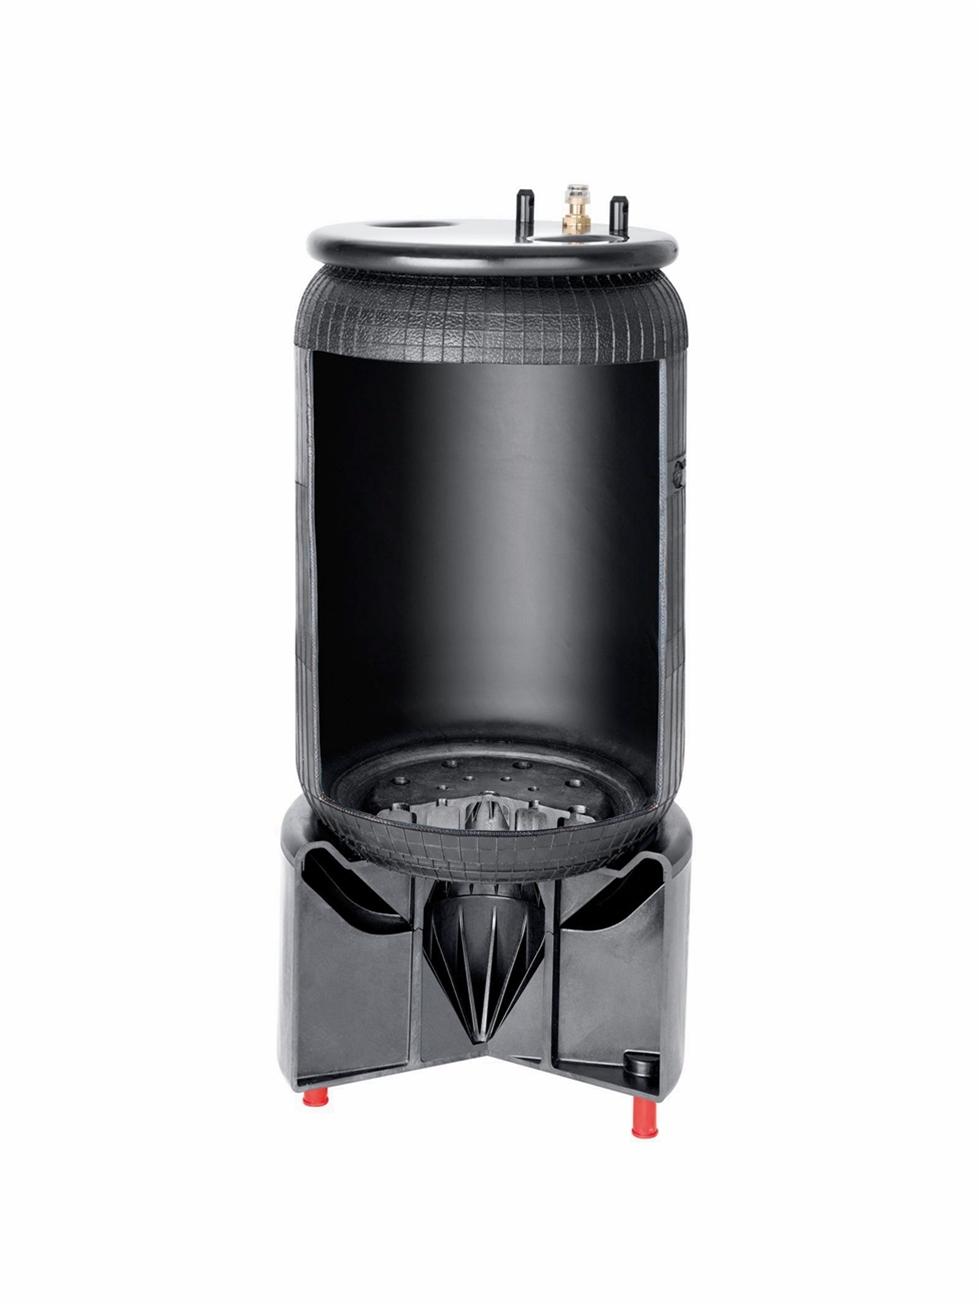 Det internationella teknikföretaget Continental kan med sina innovationer för nyttofordon uppnå bränslebesparingar på upp till 6 liter per 100 kilometer.